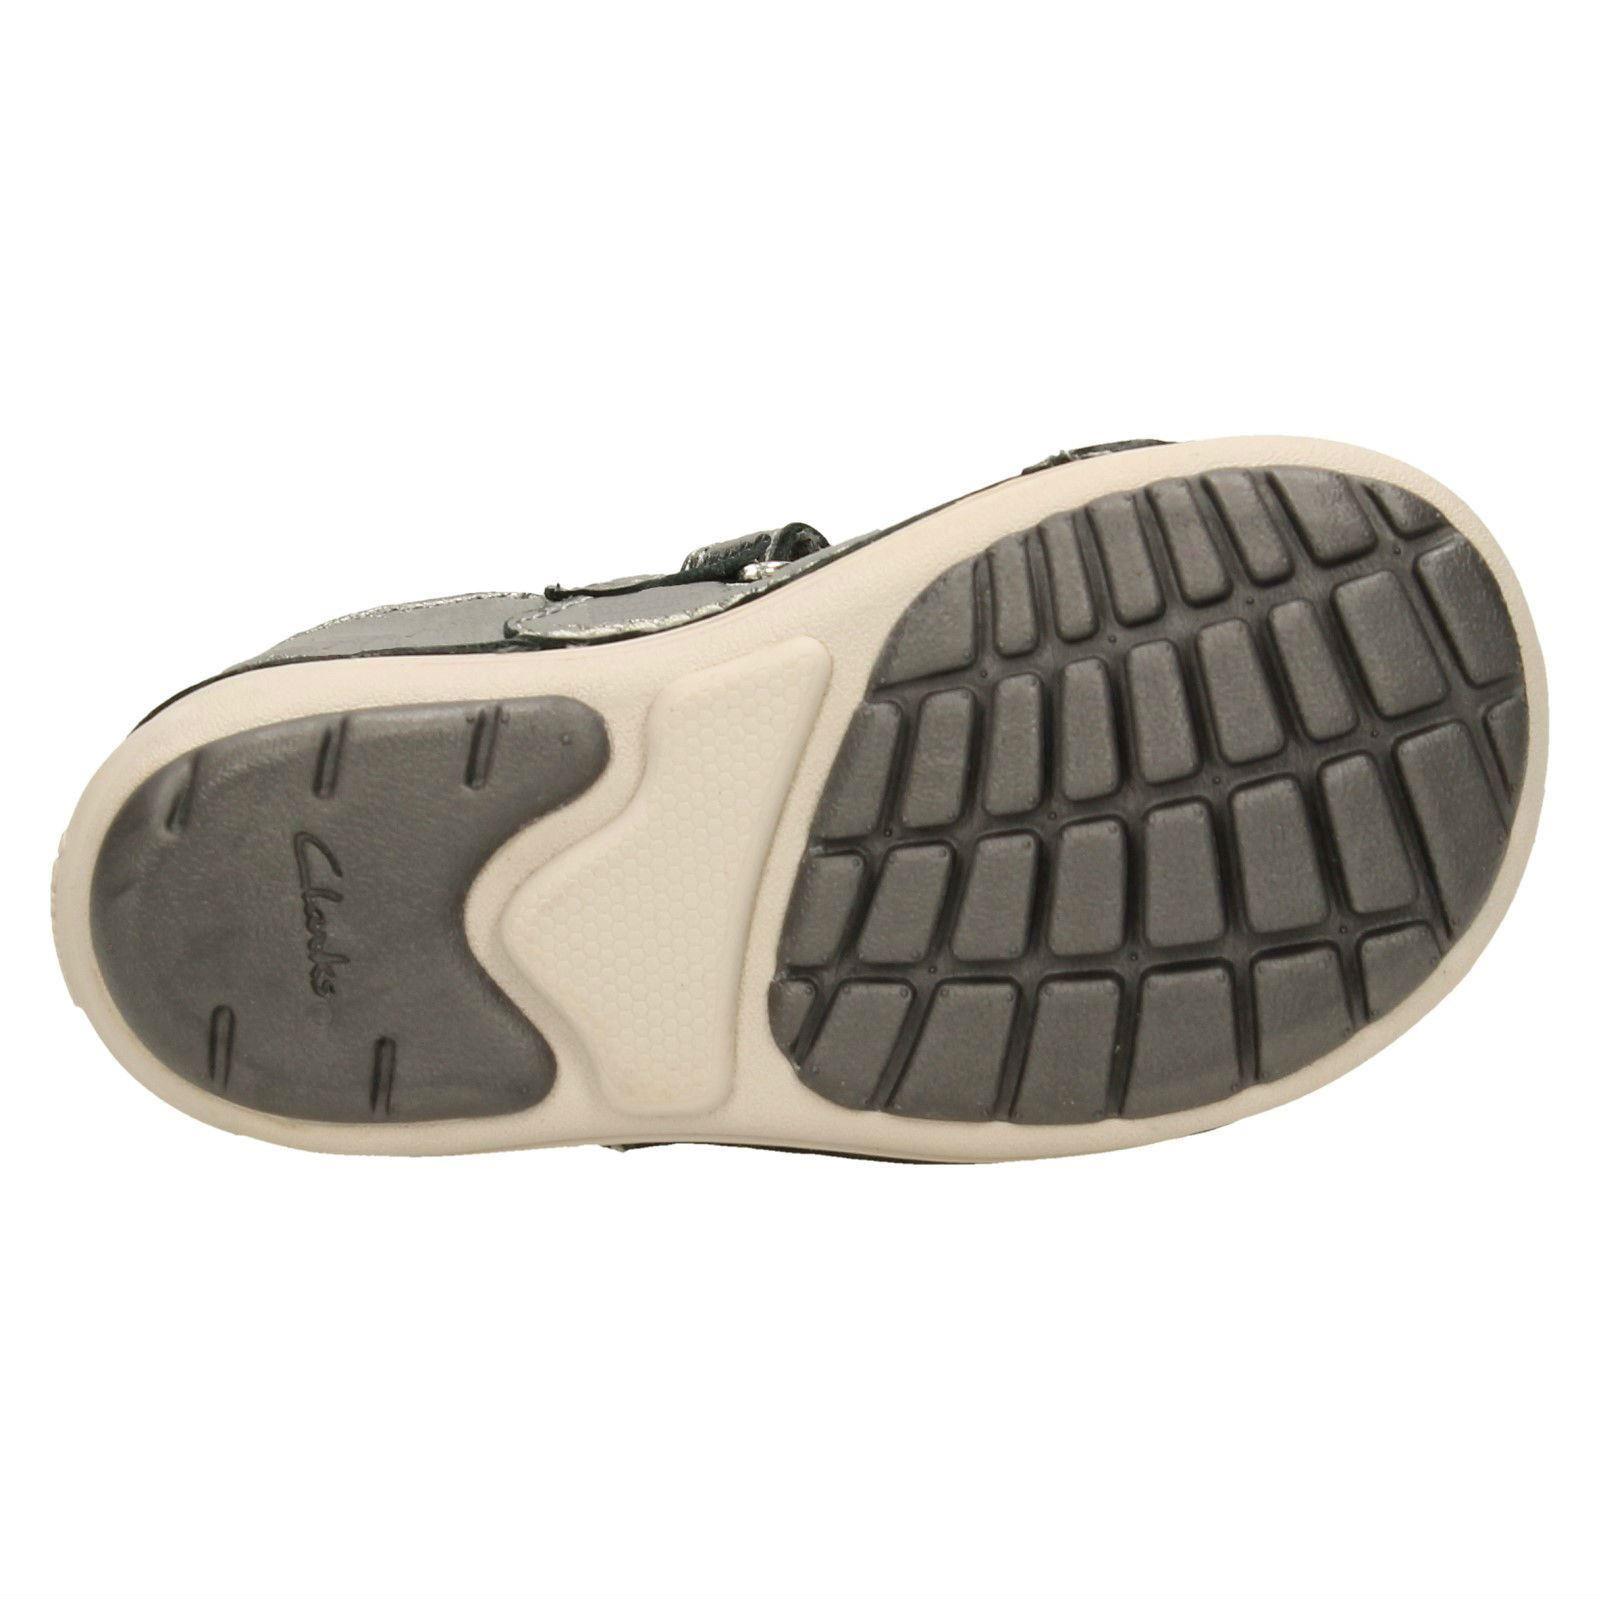 Lou Niña Zapatos Primeros Softly Informal Clarks Calzado 18Ynrwq8E